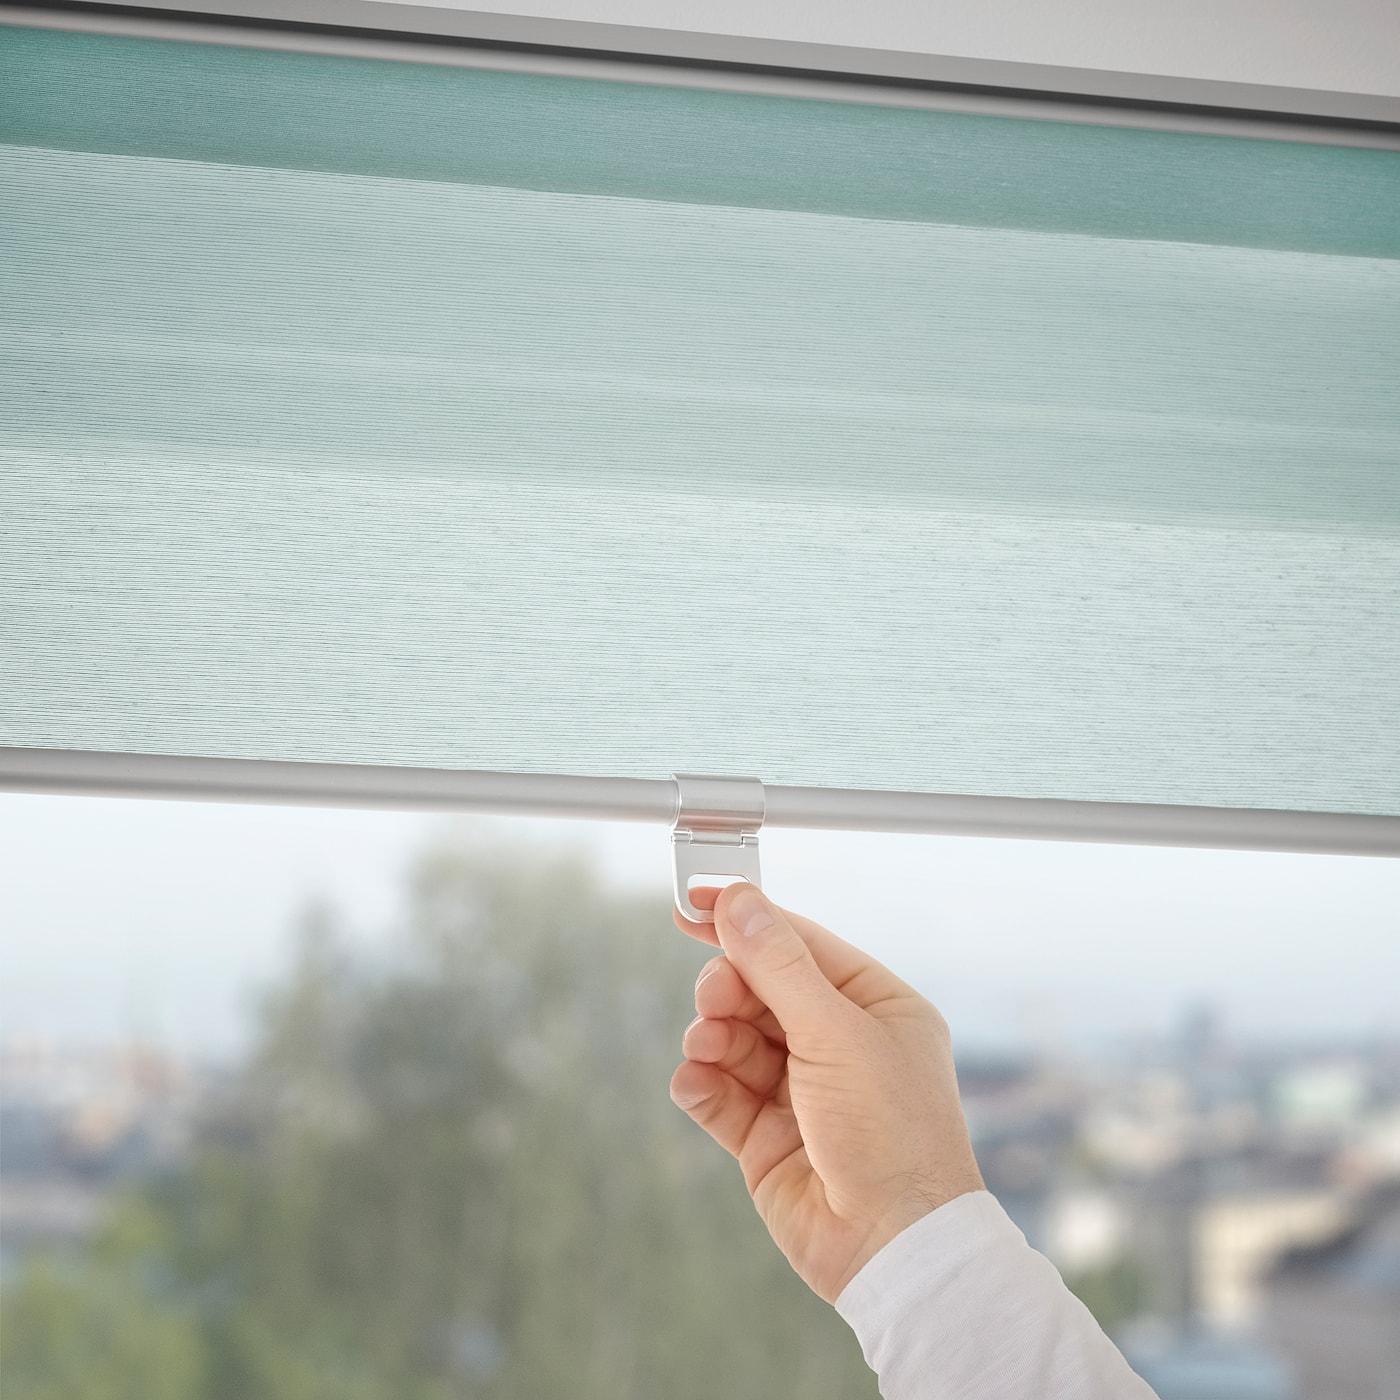 Vasta gamma di prodotti per la protezione da pioggia, vento, freddo, ideali per chiudere balconi, terrazzi, portici o verande e renderli usufruibili e. Skogsklover Tenda A Rullo Verde 80x195 Cm Ikea It